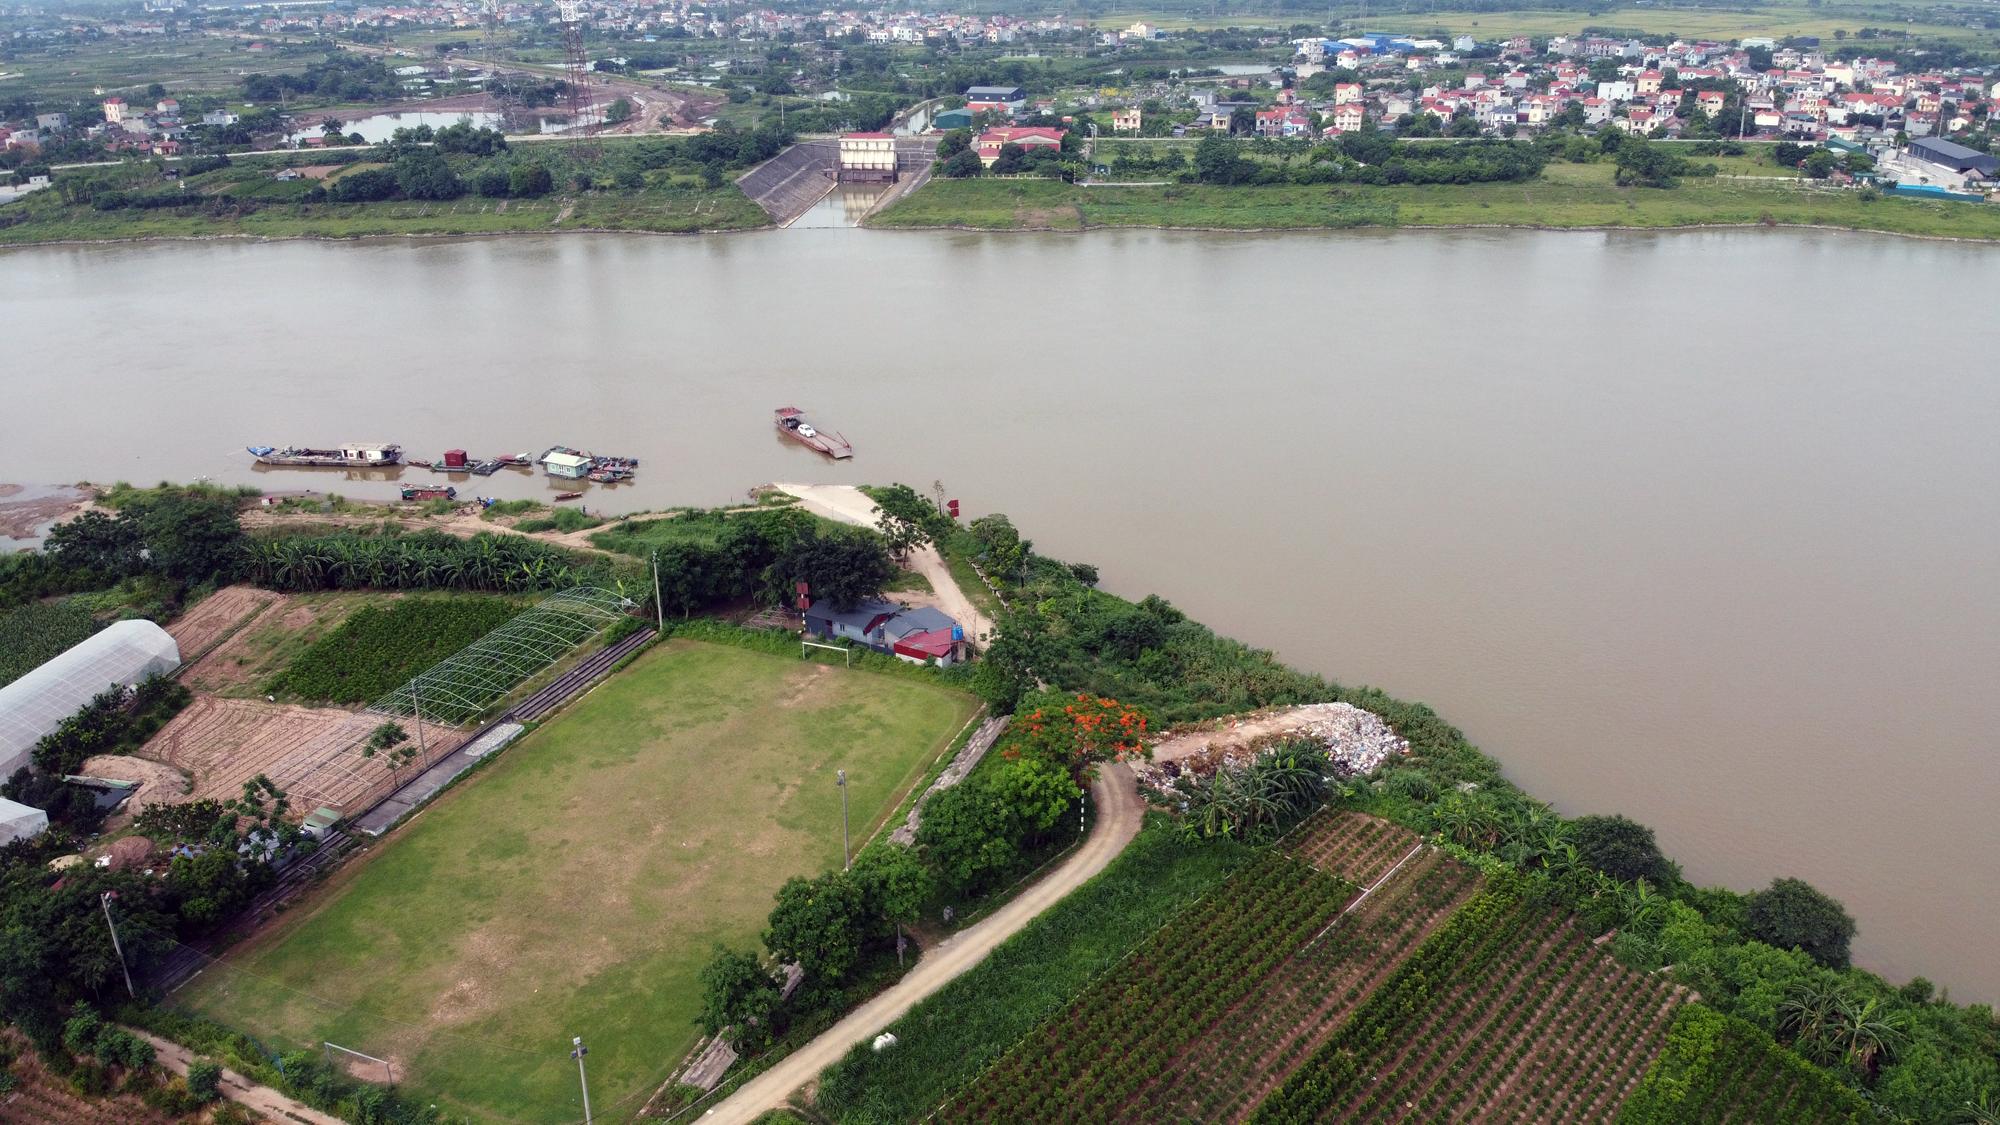 Cầu sẽ mở theo qui hoạch ở Hà Nội: Toàn cảnh vị trí làm cầu Mễ Sở nối Văn Giang - Thường Tín - Ảnh 10.